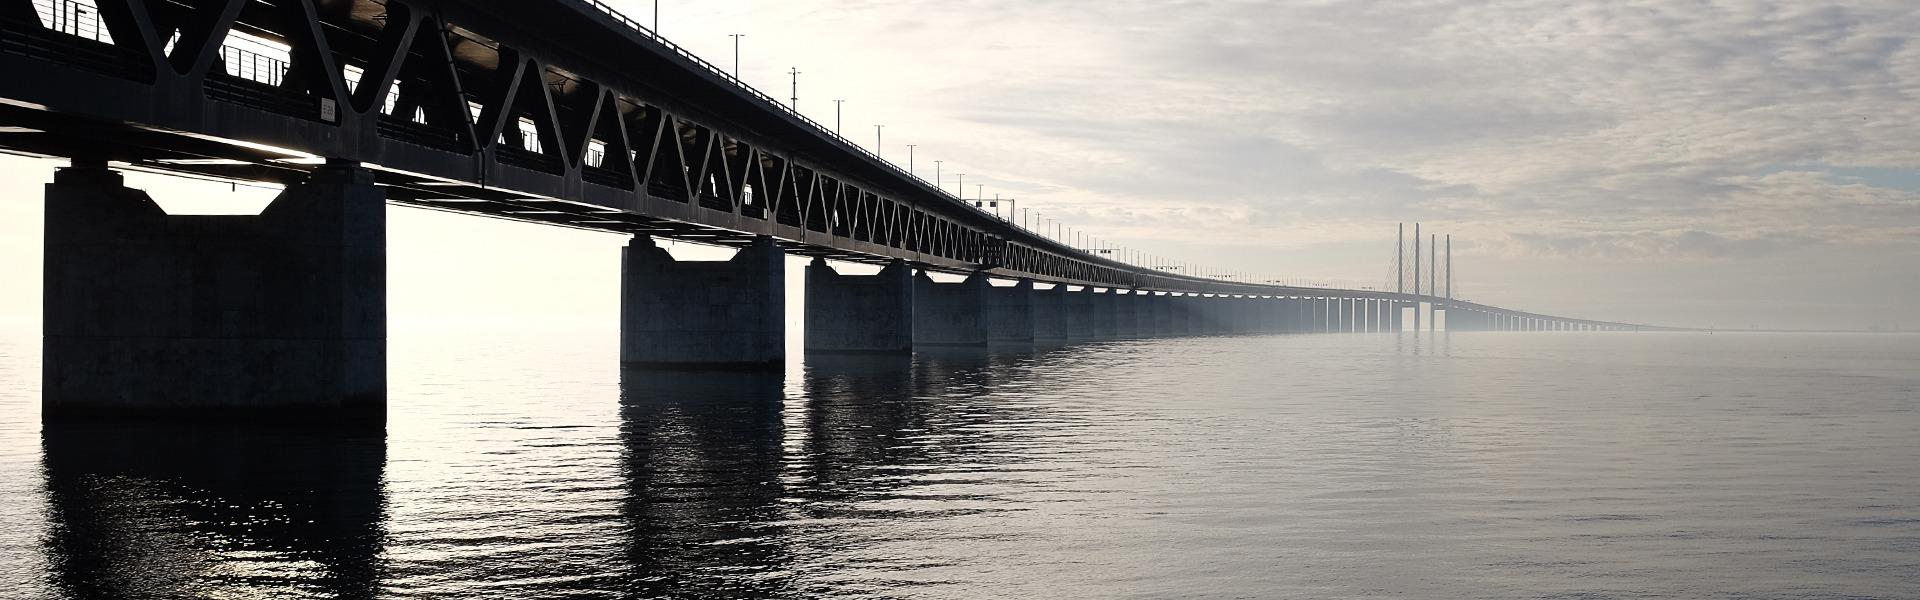 Eine lange Auto-Brücke über ein Fluß